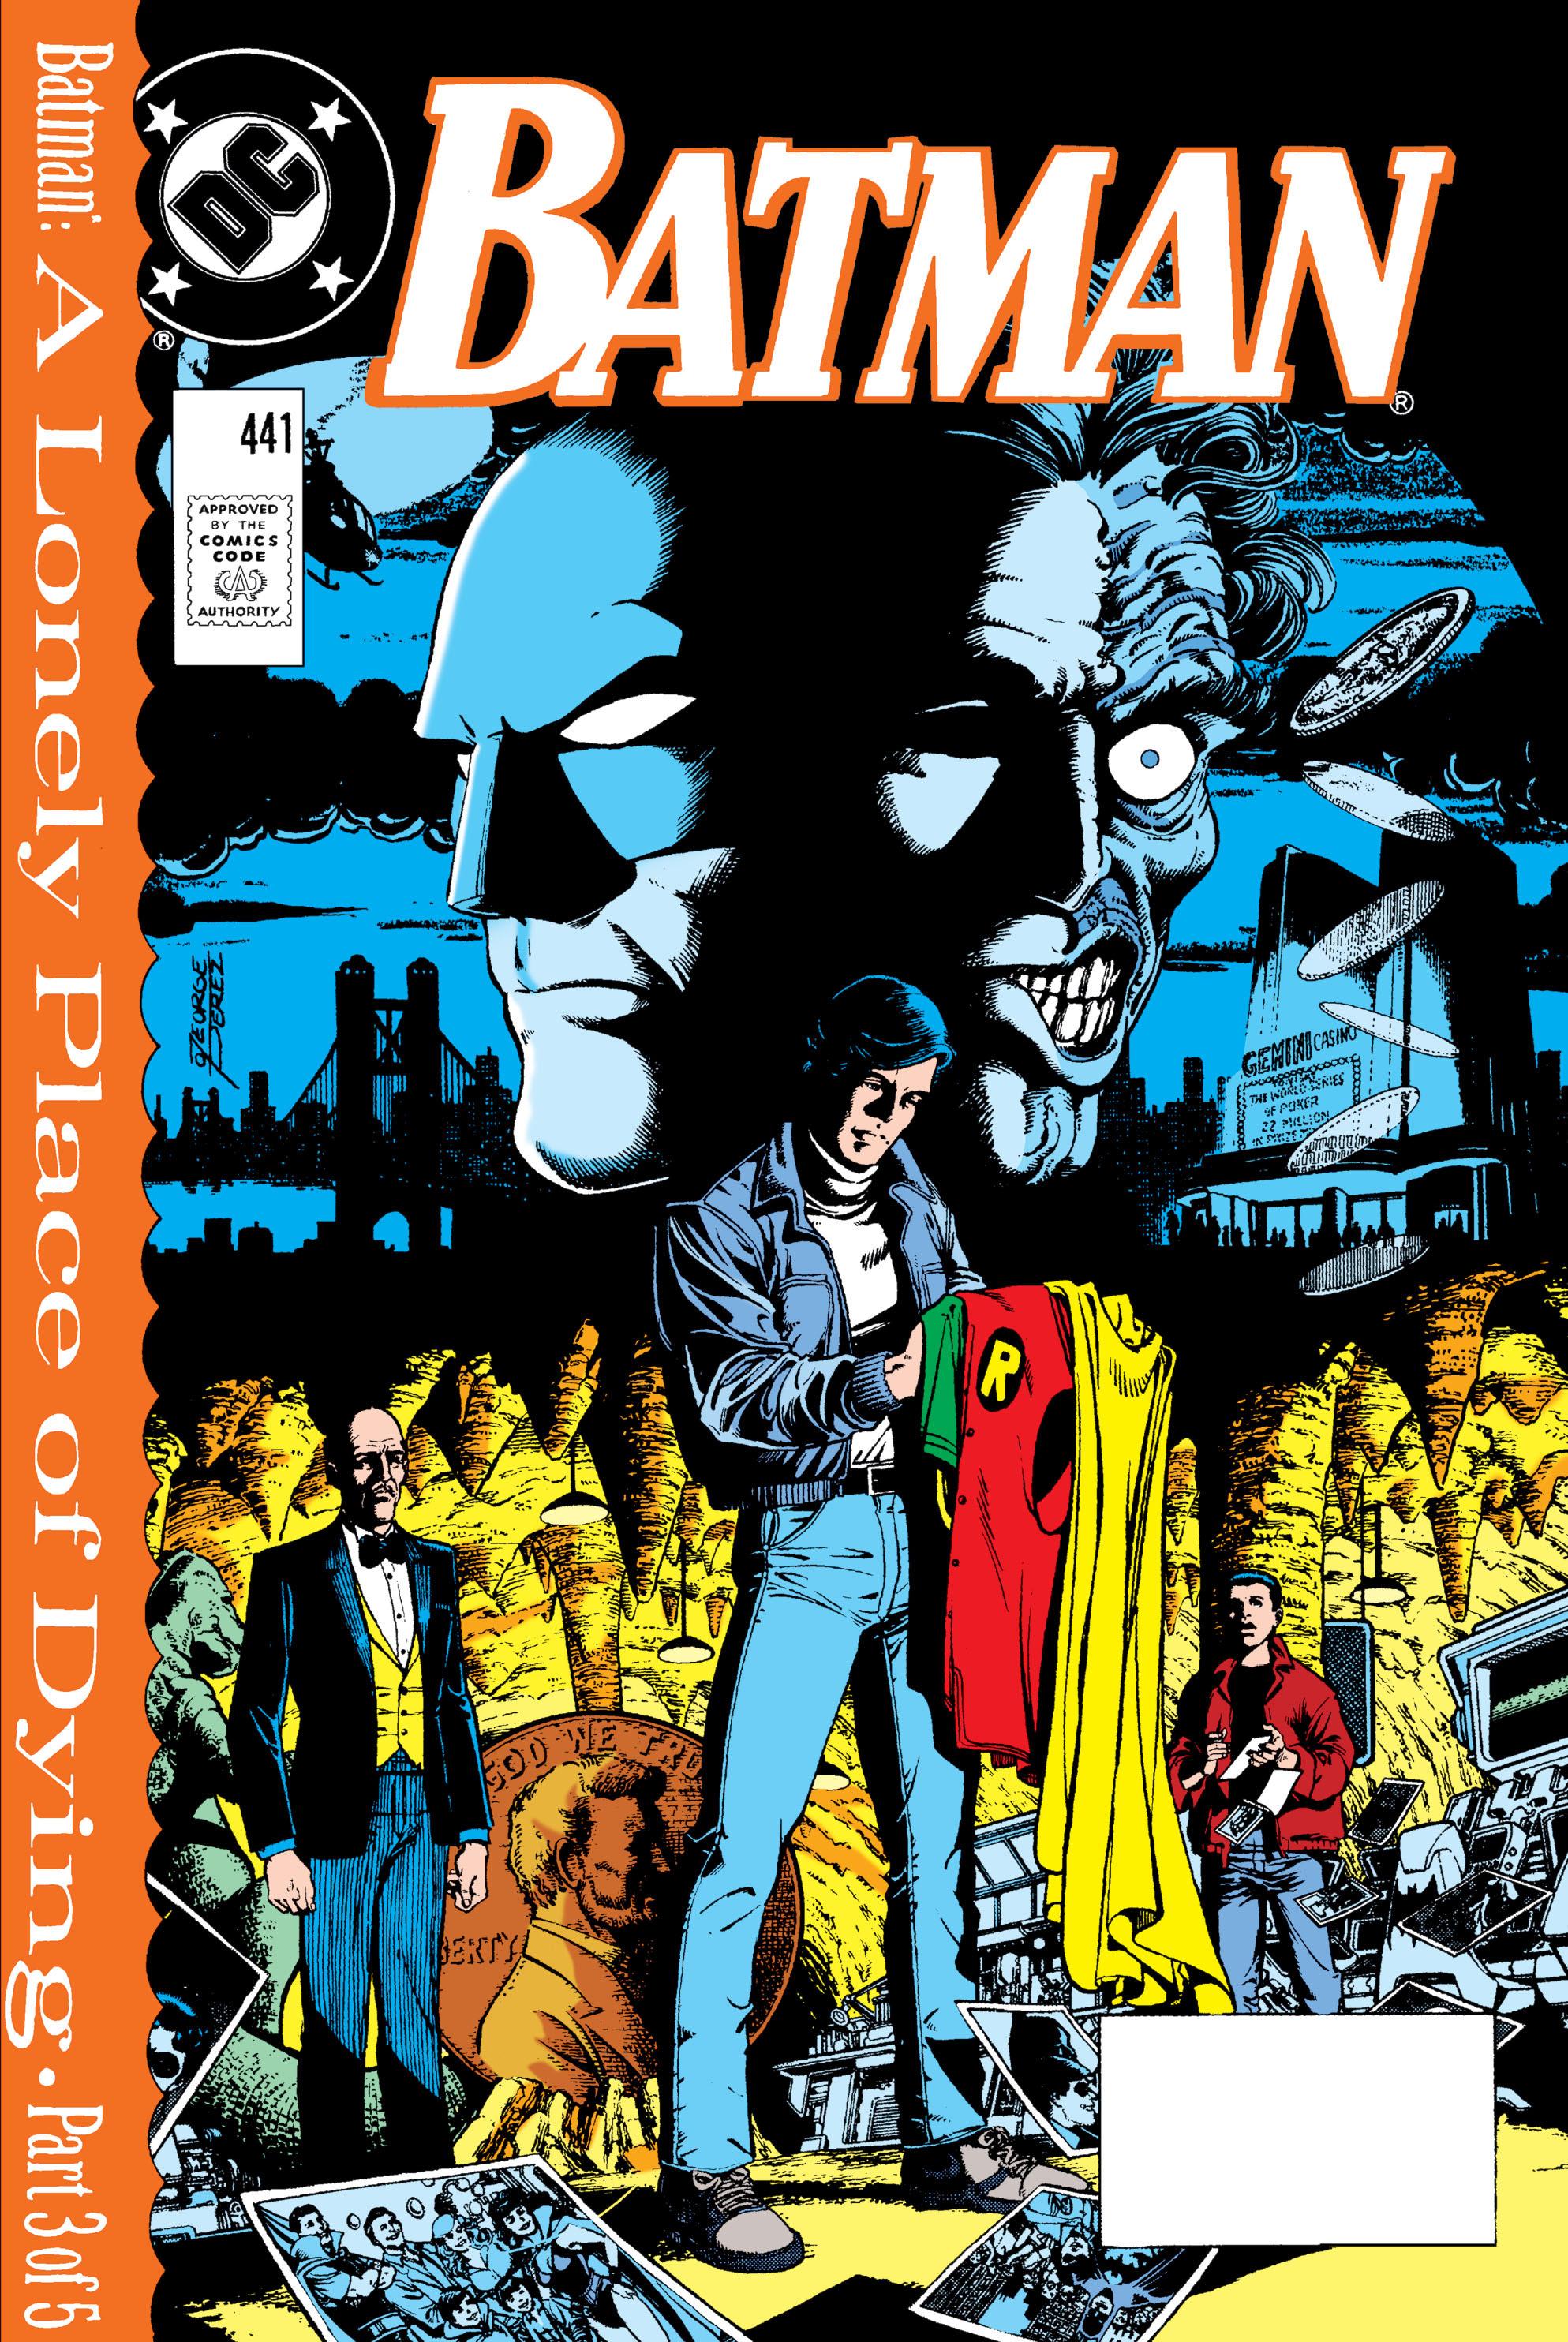 Batman (1940) 441 Page 1